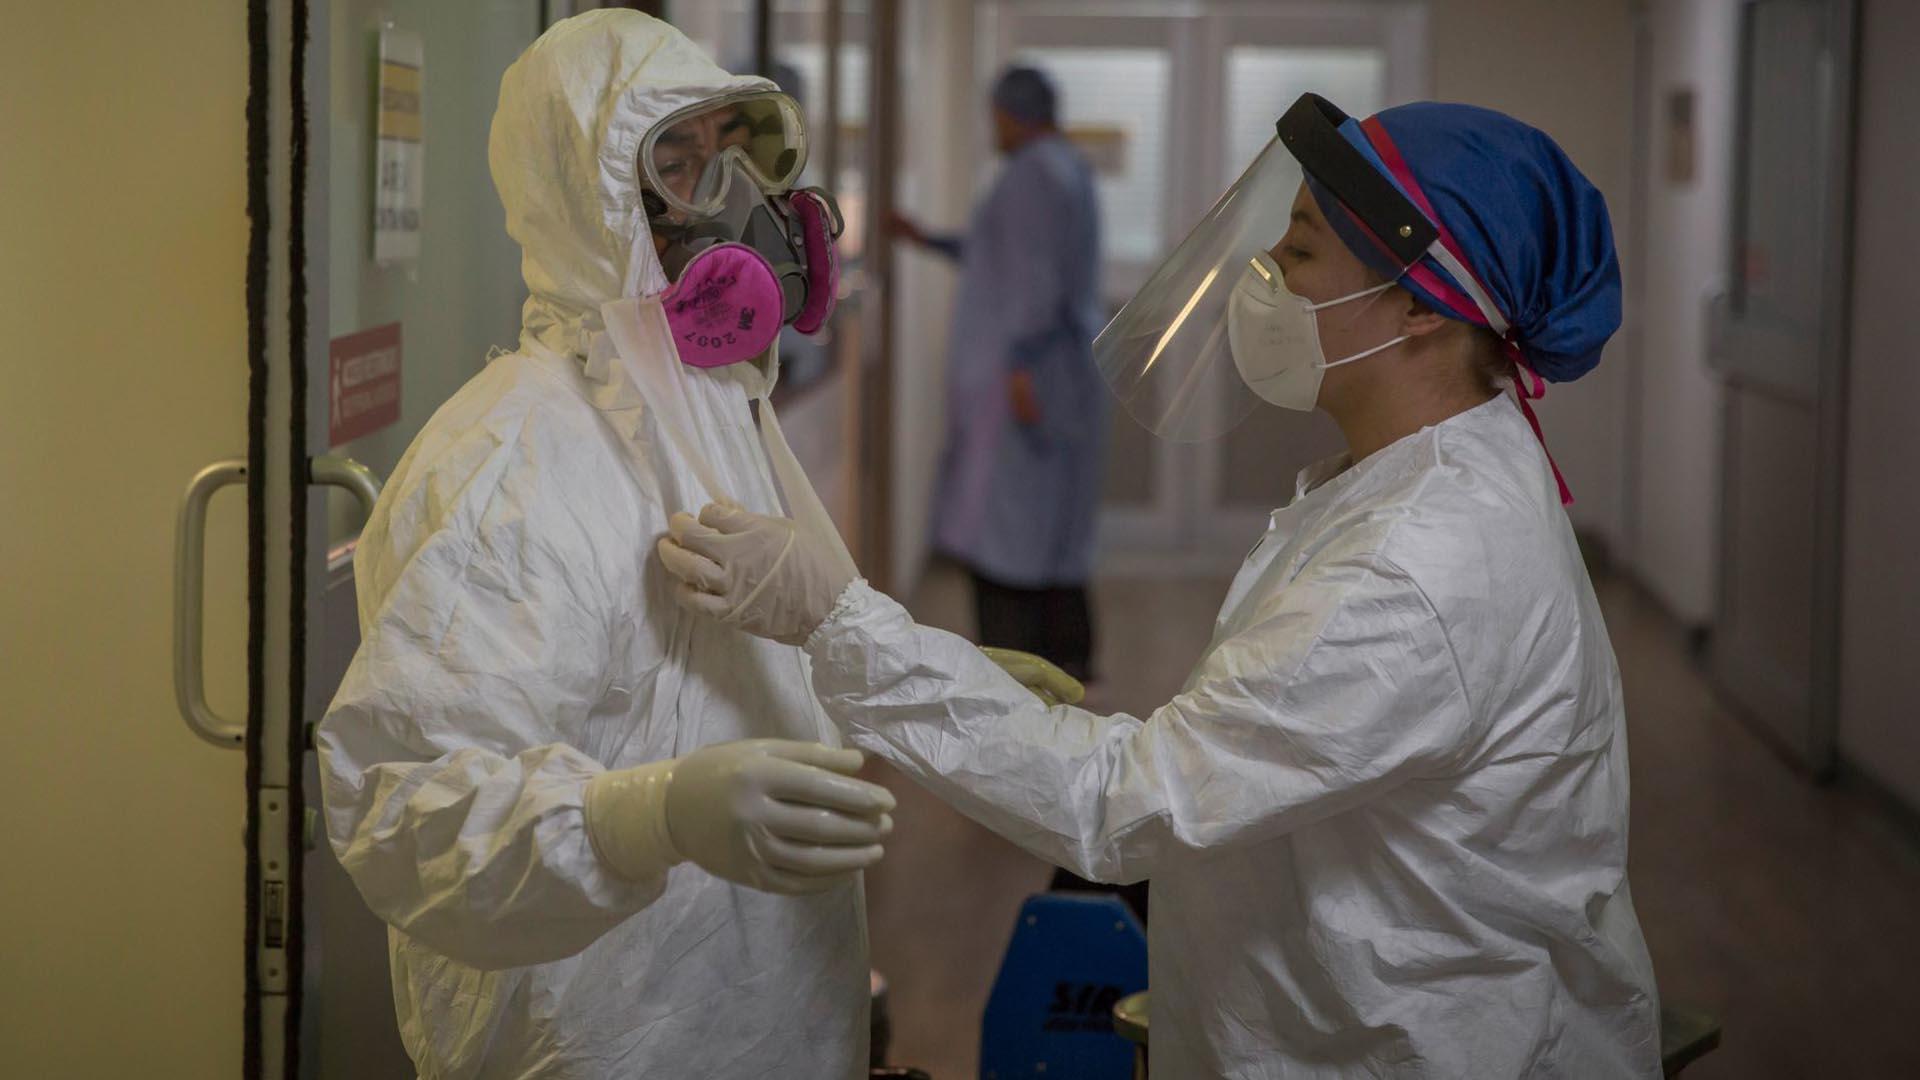 Un enfermero se retira el equipo de protección después de estar horas atendiendo pacientes enfermos de COVID-19 dentro de la Unidad de Cuidados Intensivos (UCI) (Foto: Cuartoscuro/Omar Martínez)